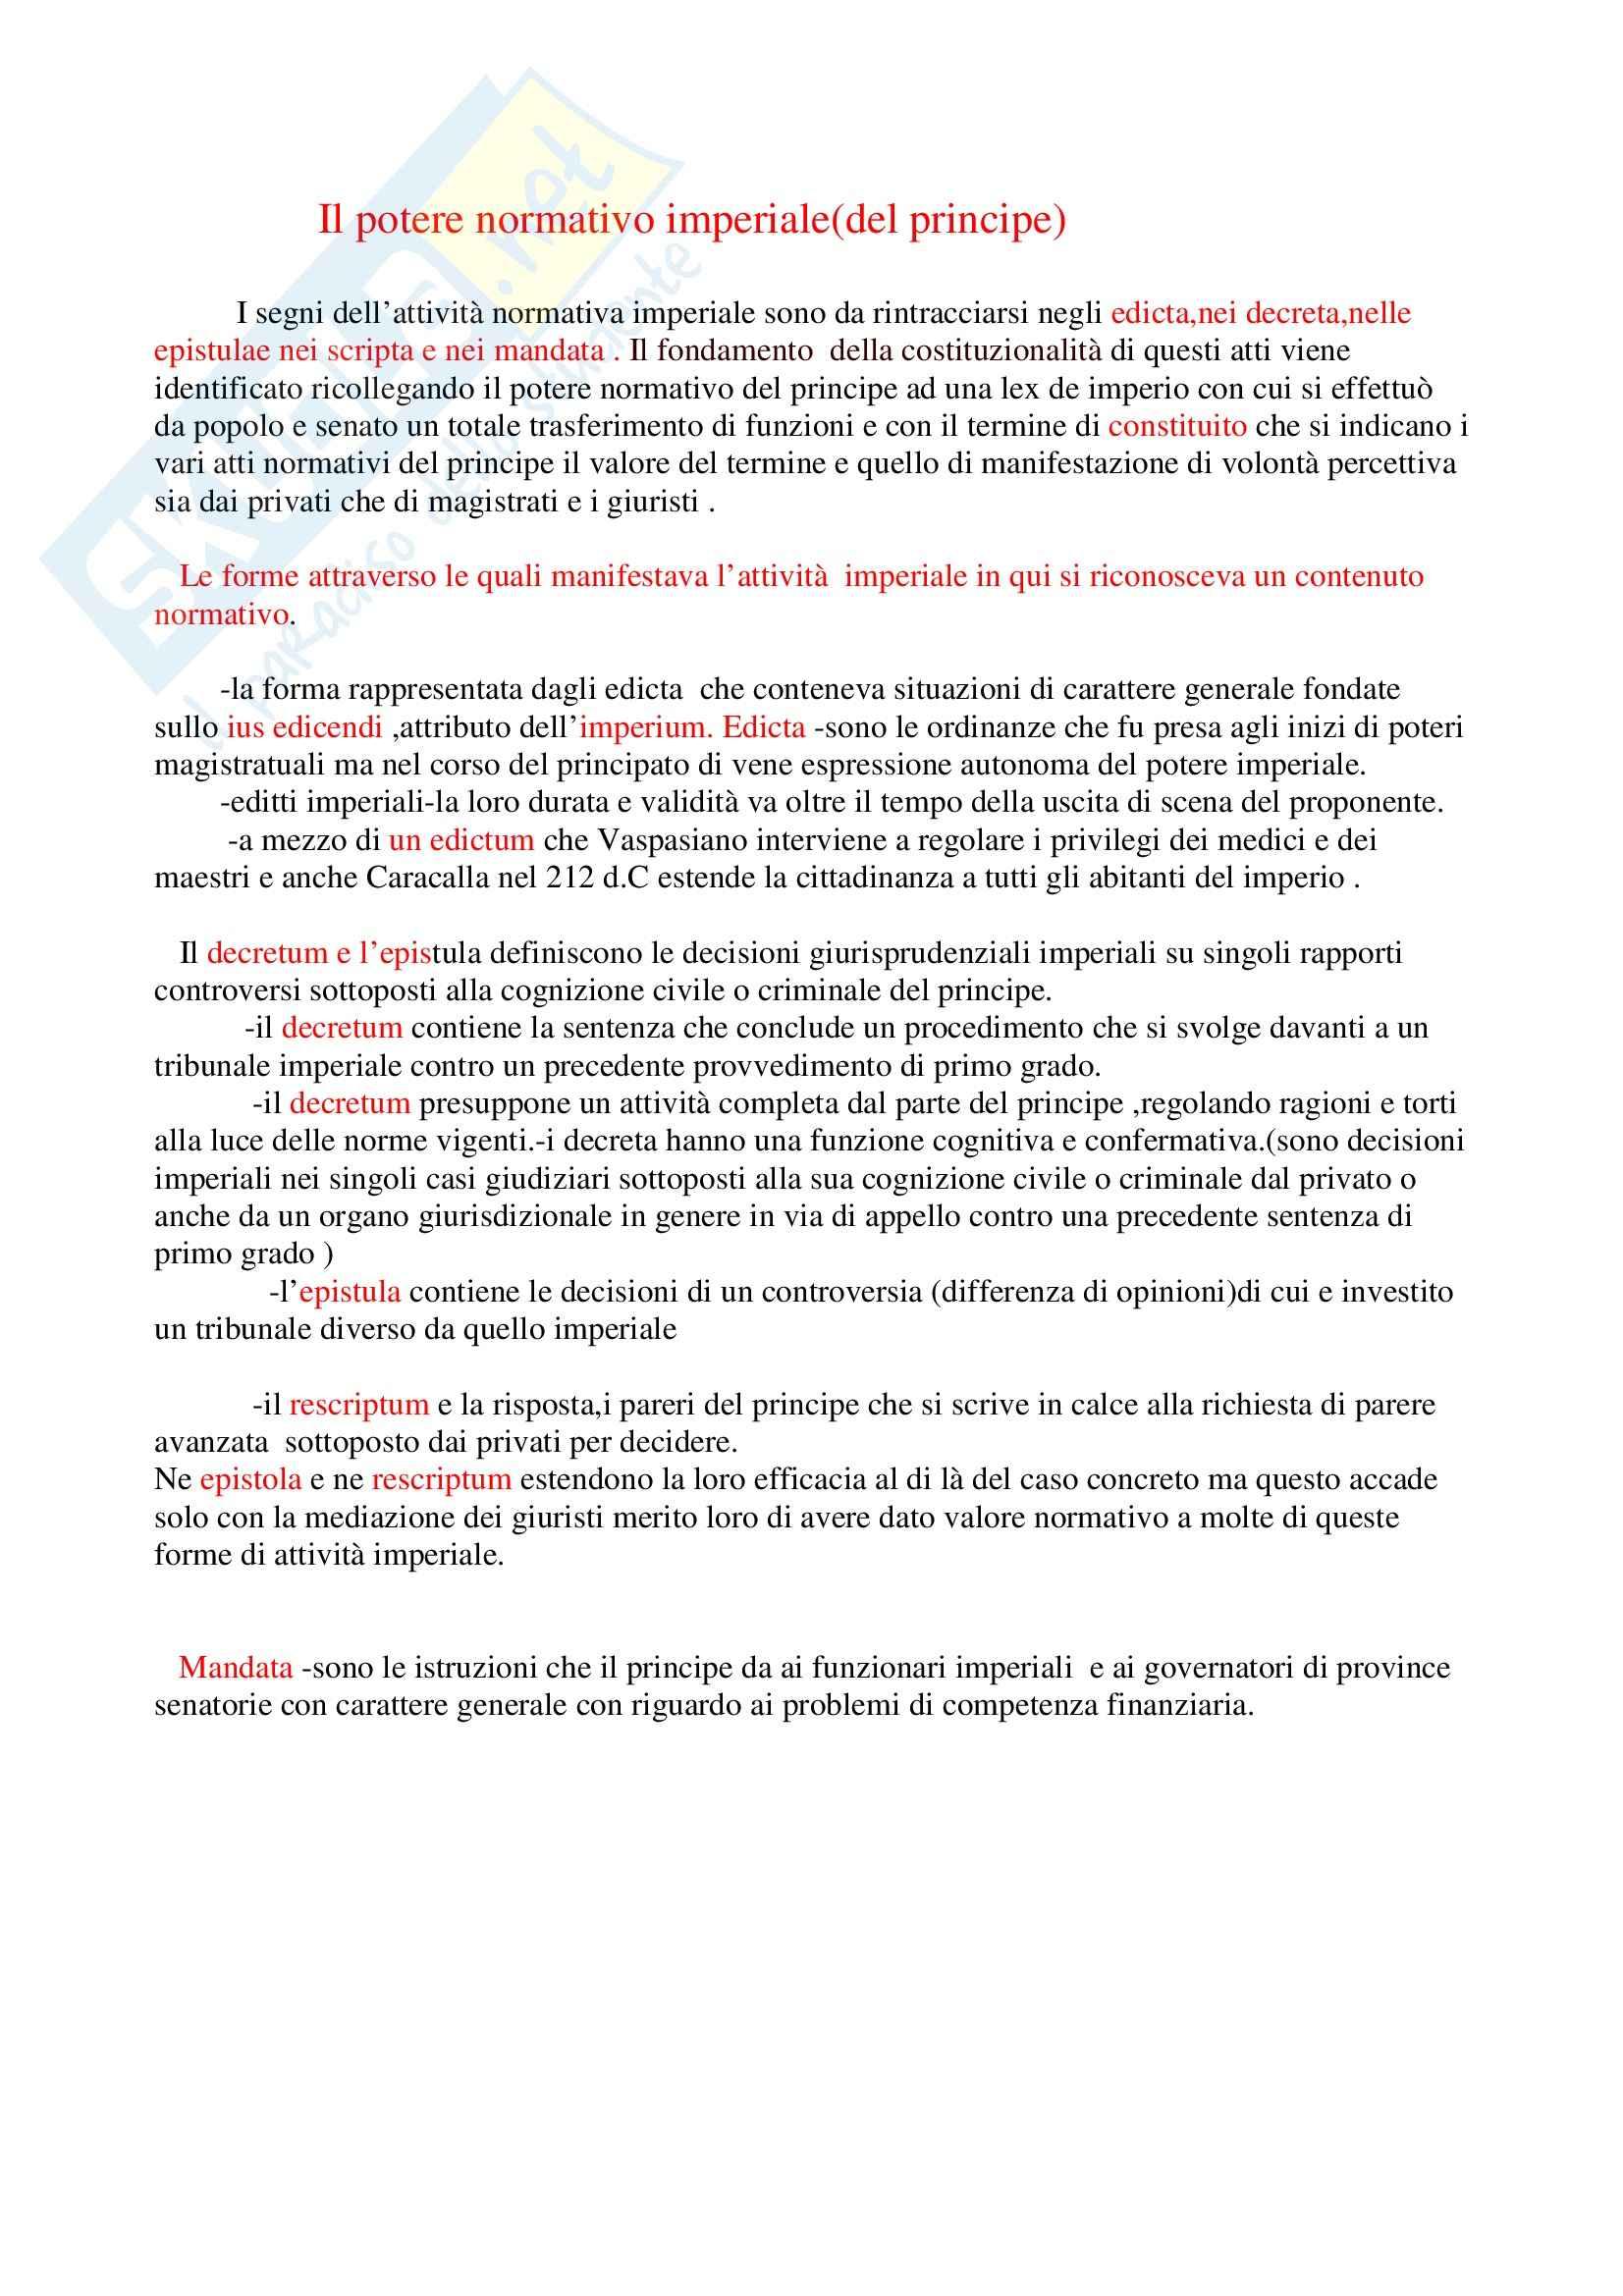 Diritto romano - il potere normativo imperiale del principe